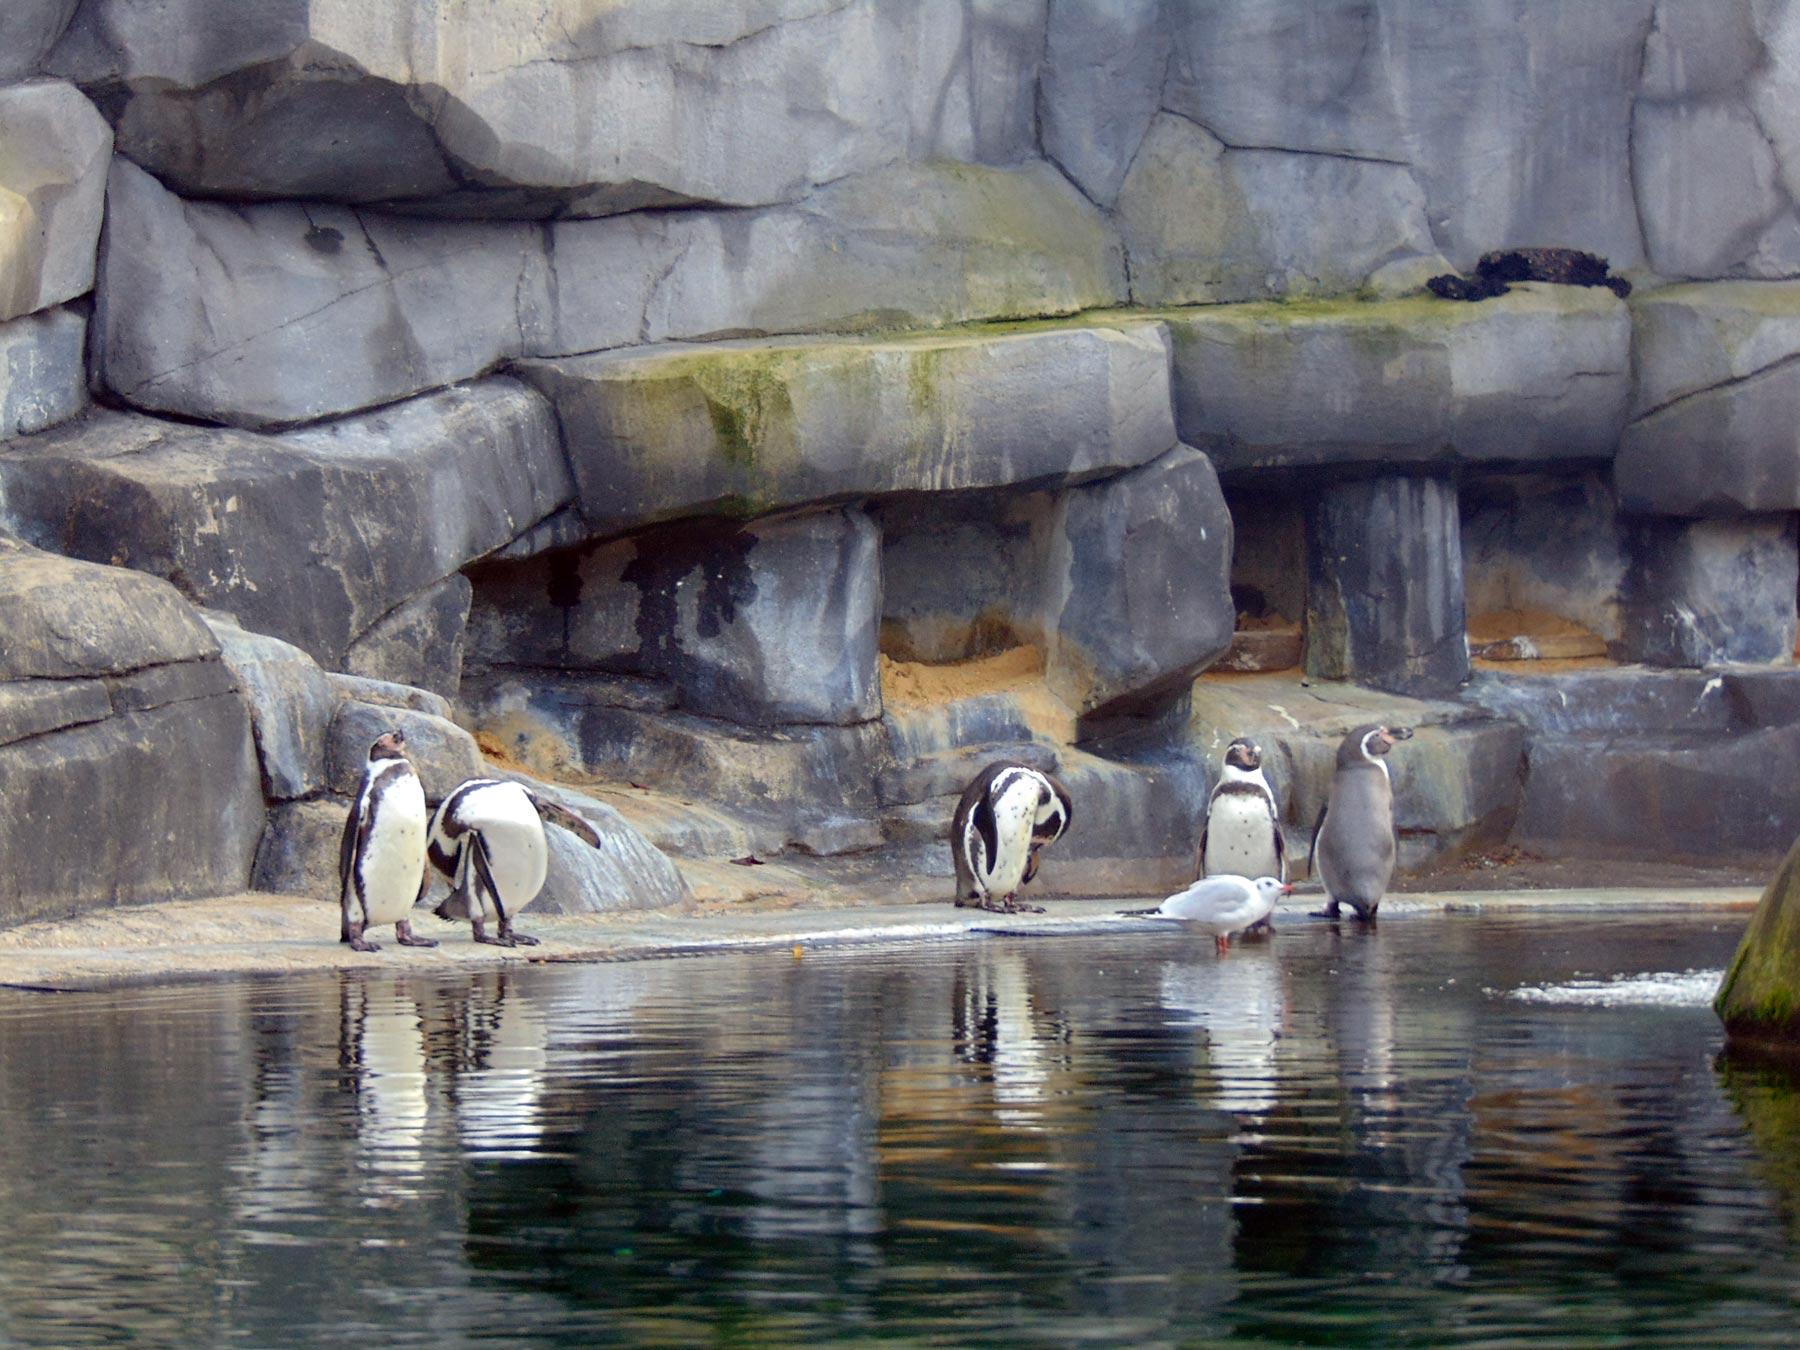 экскурсия в венсенский парижский зоопарк в ноябре